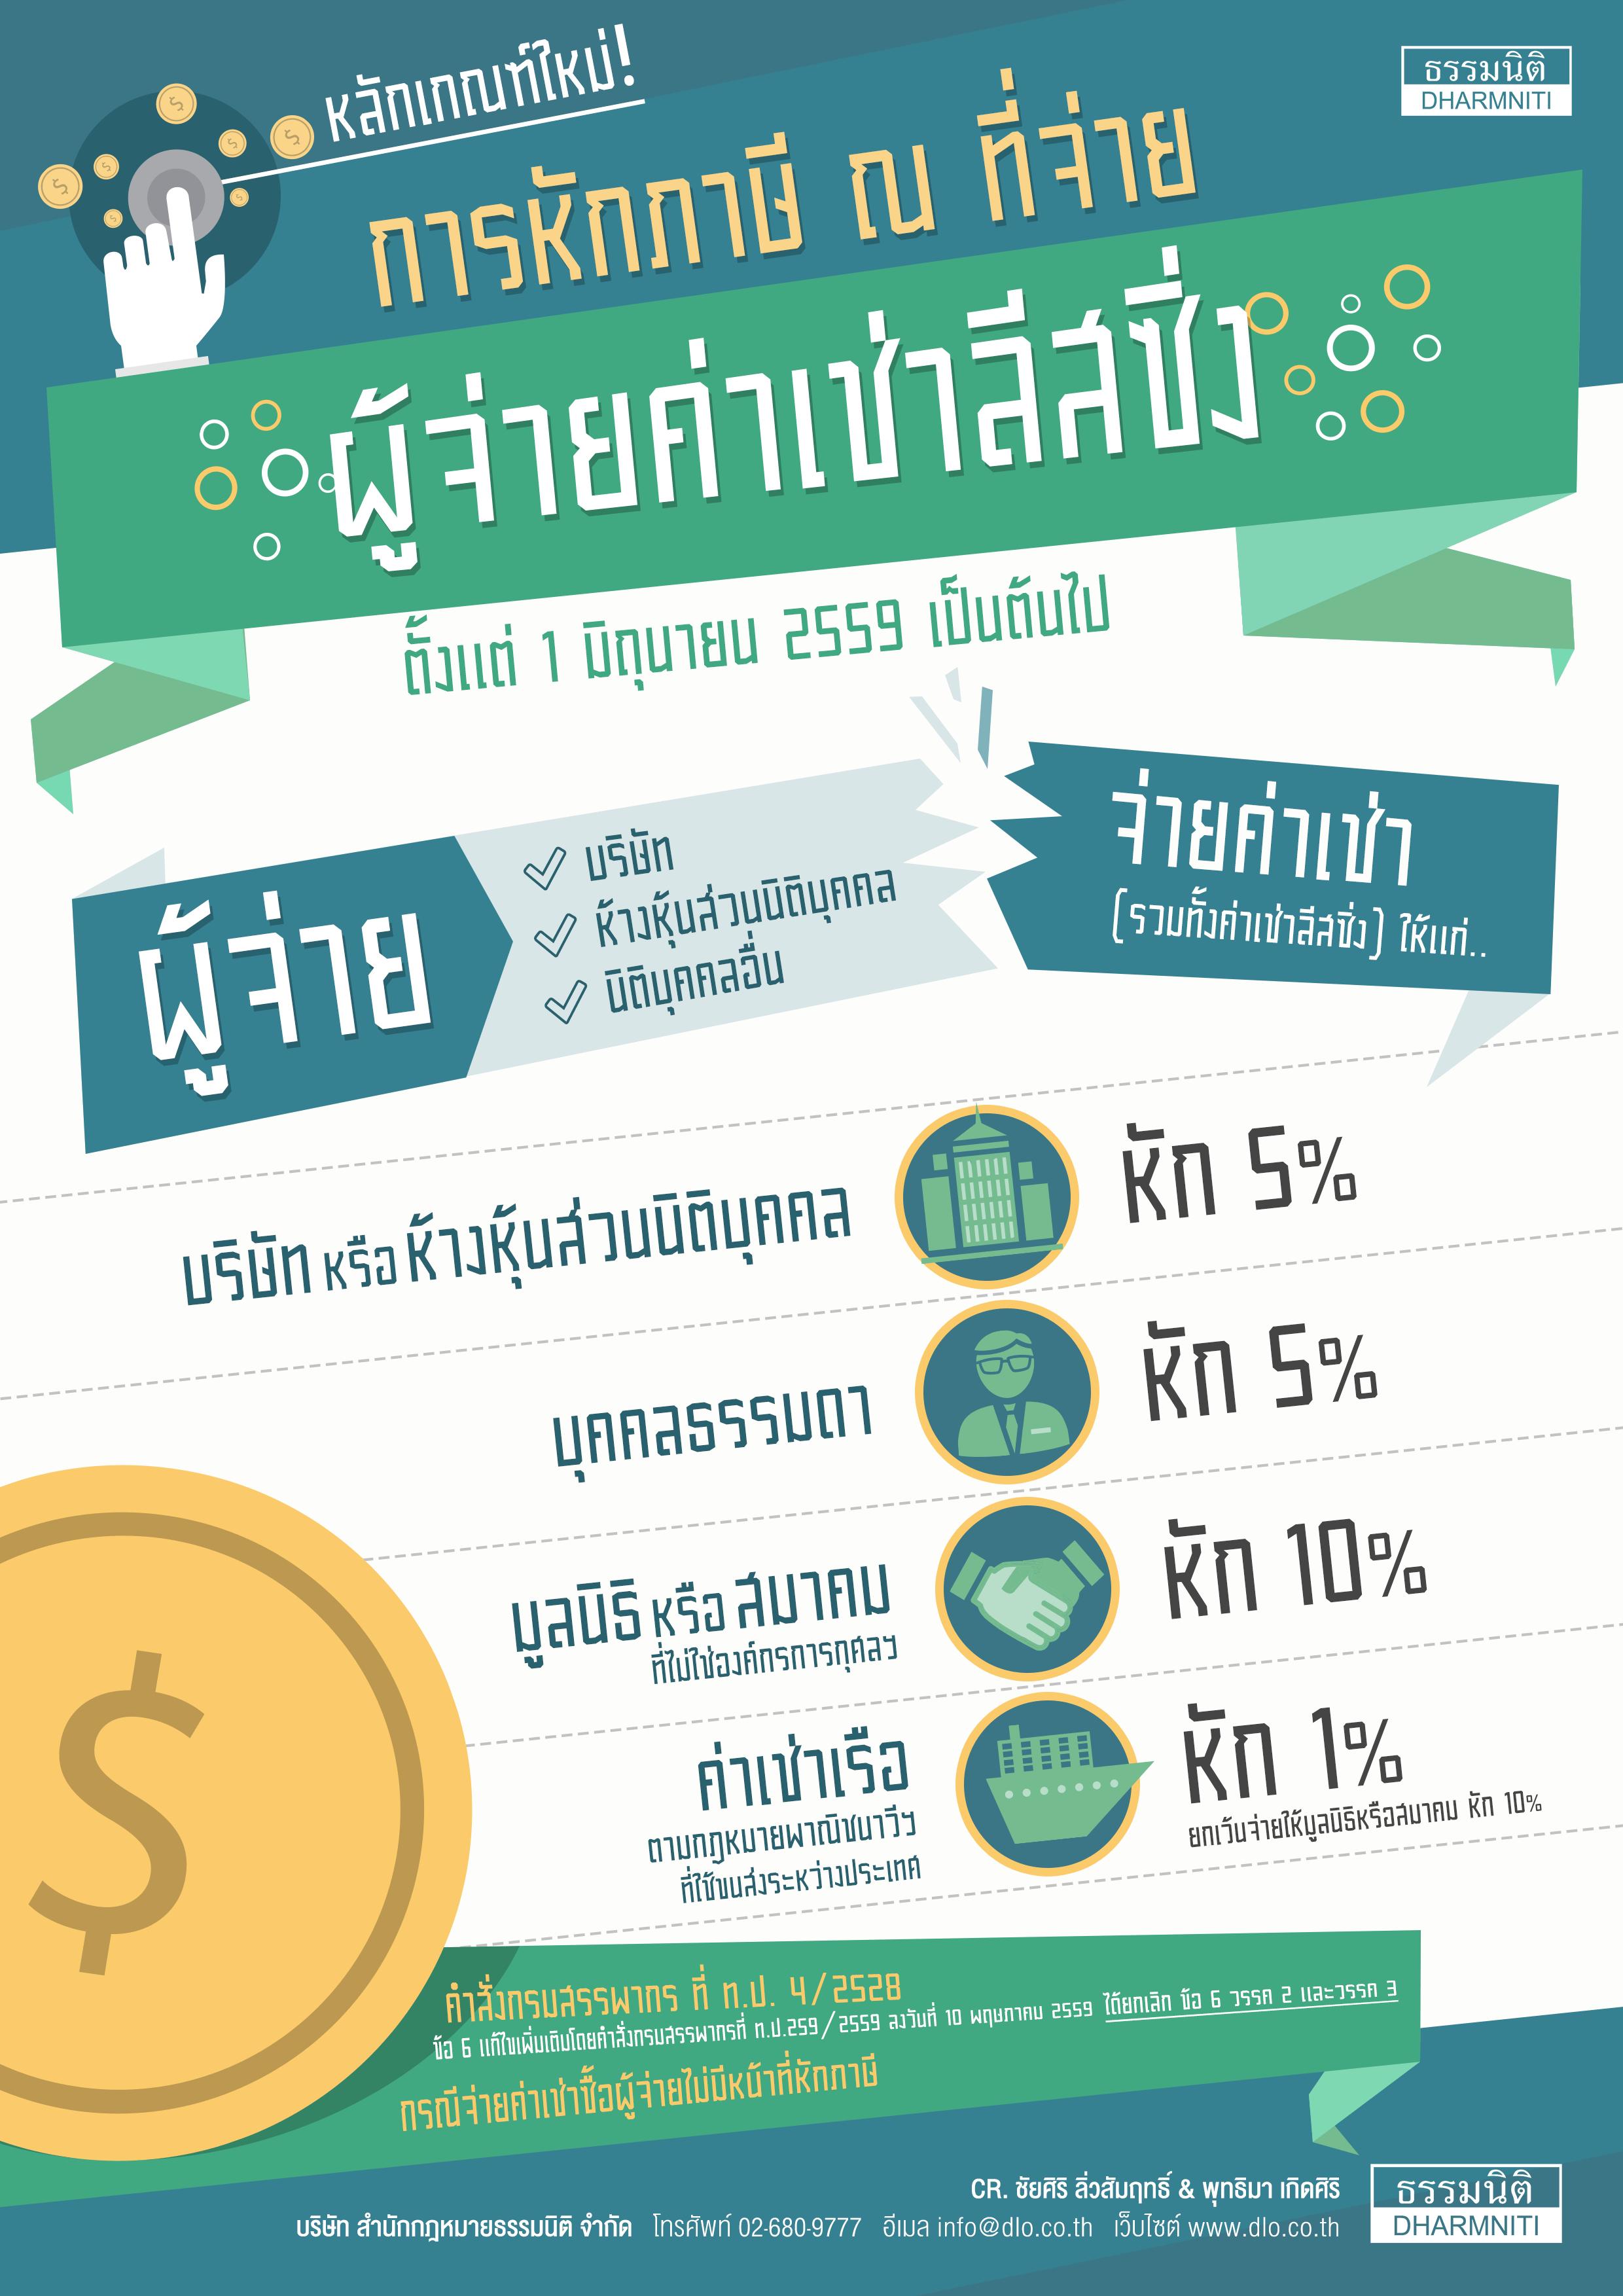 หลักเกณฑ์ใหม่! การหักภาษี ณ ที่จ่าย สำหรับผู้จ่ายค่าเช่าลีสซิ่ง ตั้งแต่ 1 มิถุนายน 2559 เป็นต้นไป